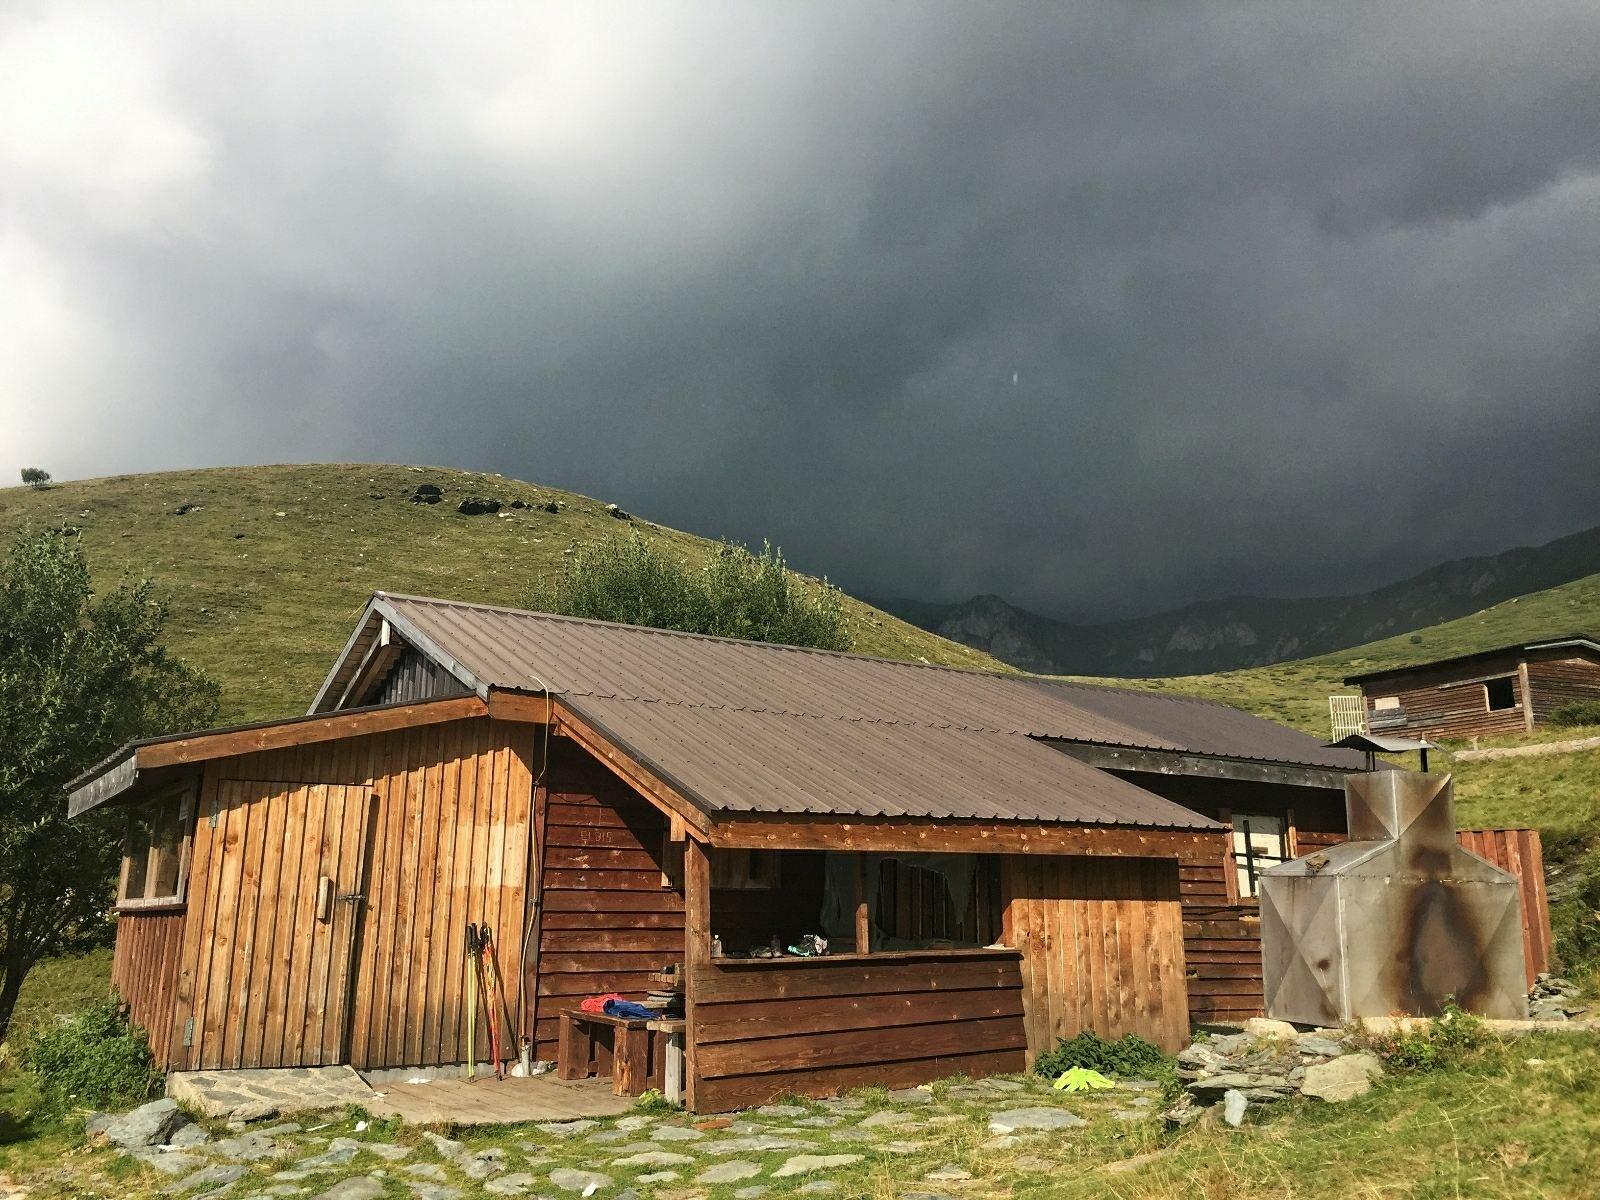 Mountain hut Zitadelle